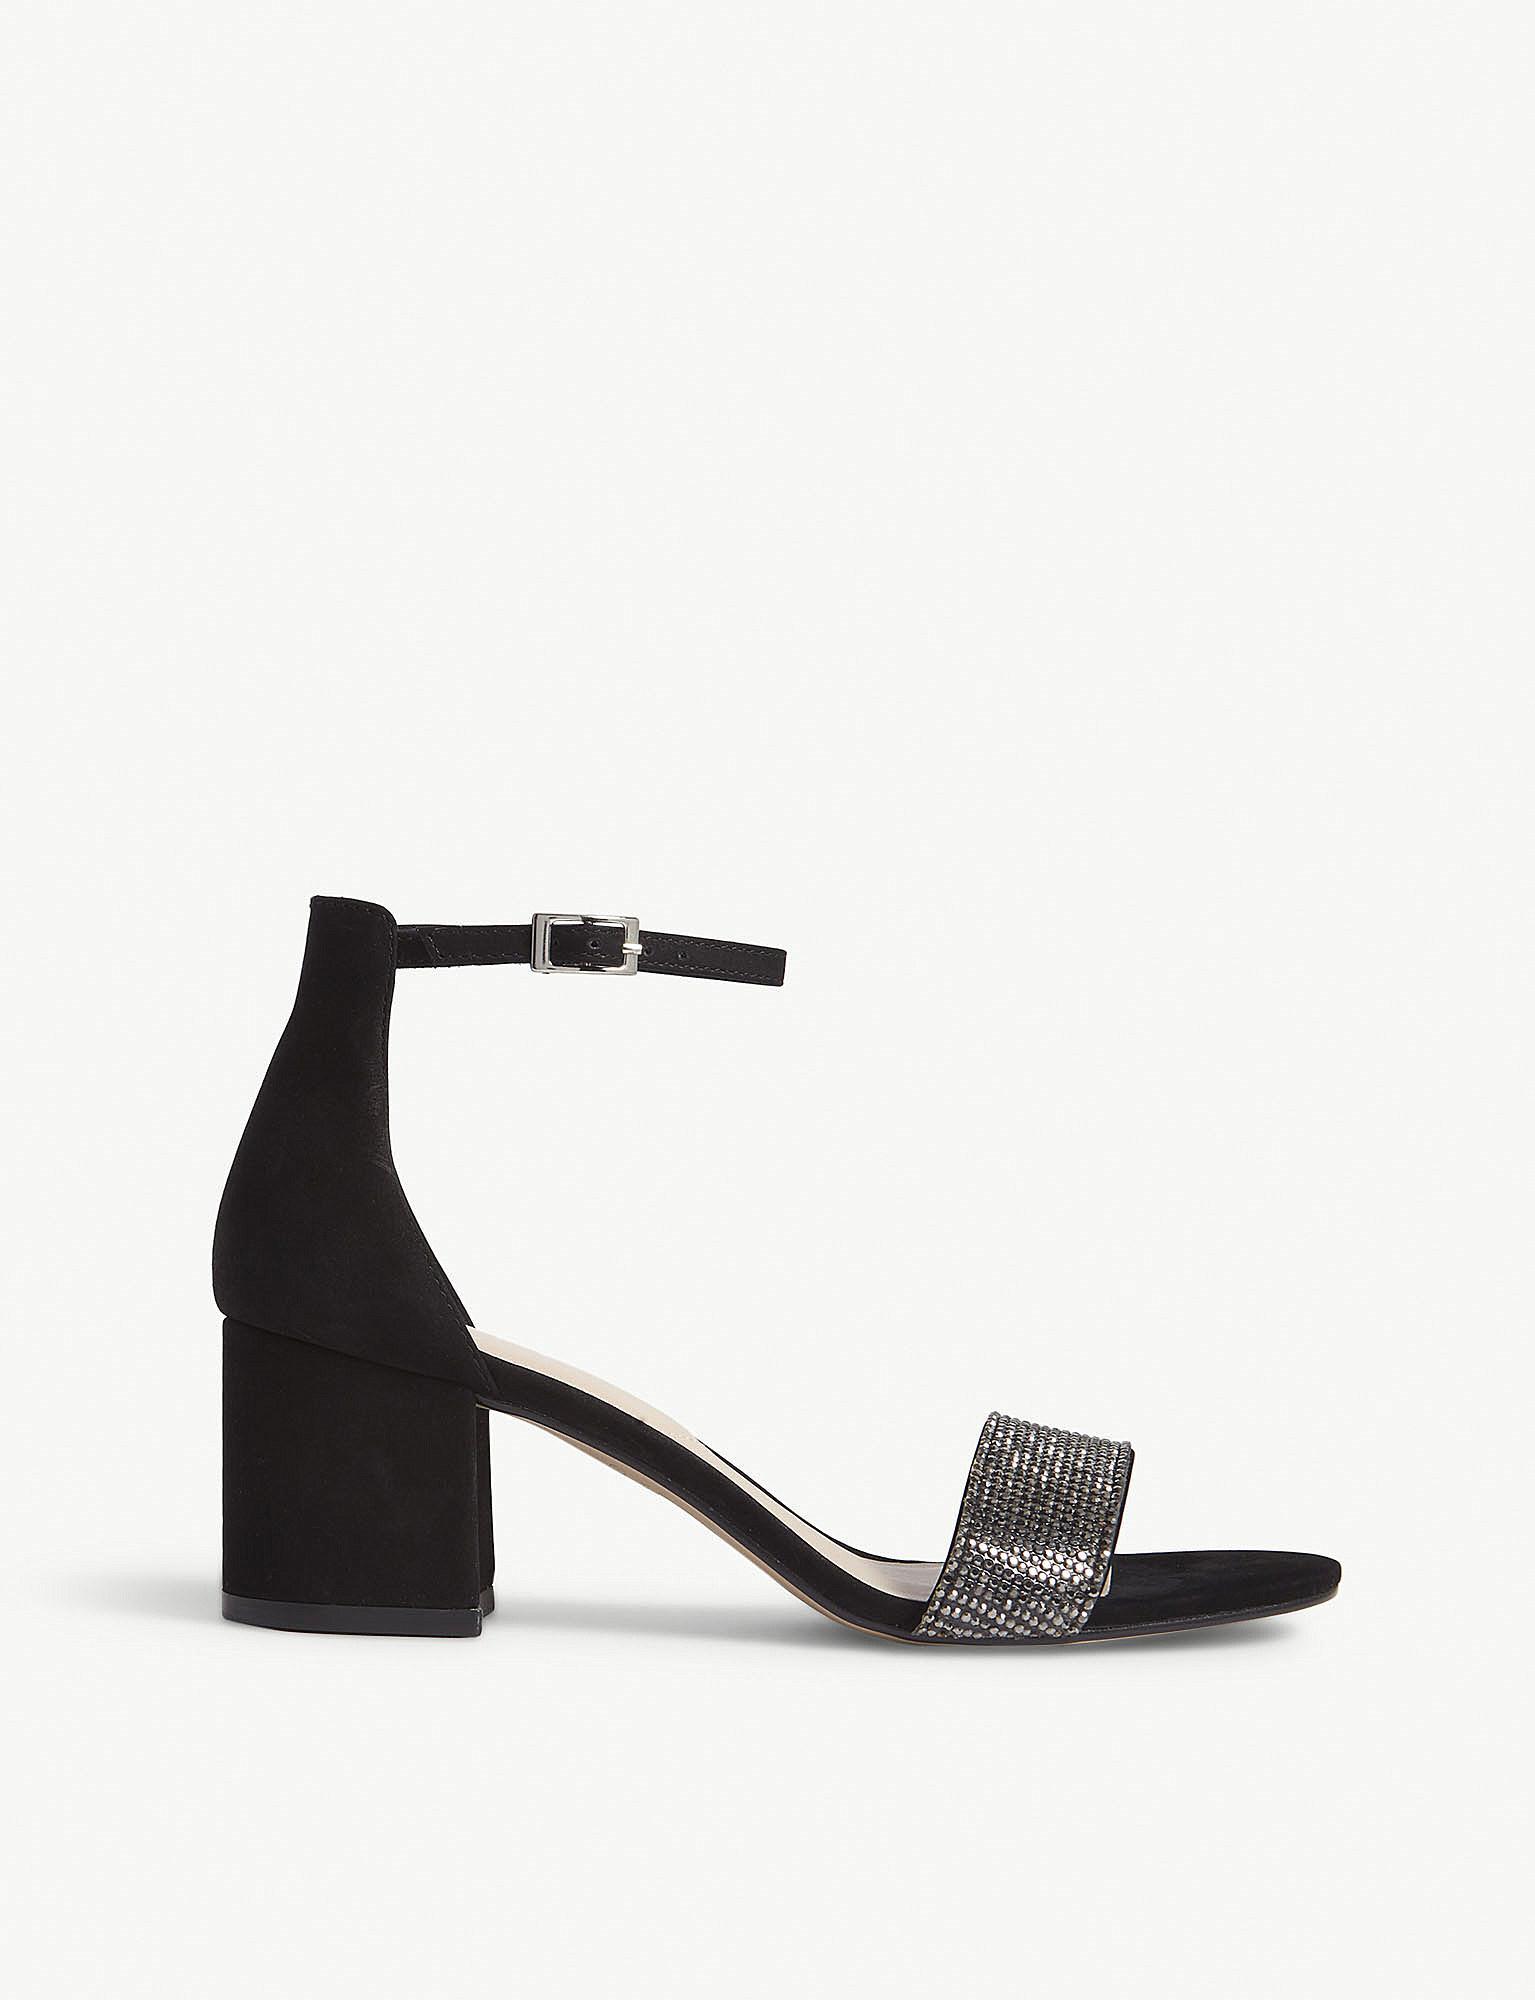 811735f5adb6 Lyst - ALDO Gladoniel Block Heel Sandals in Black